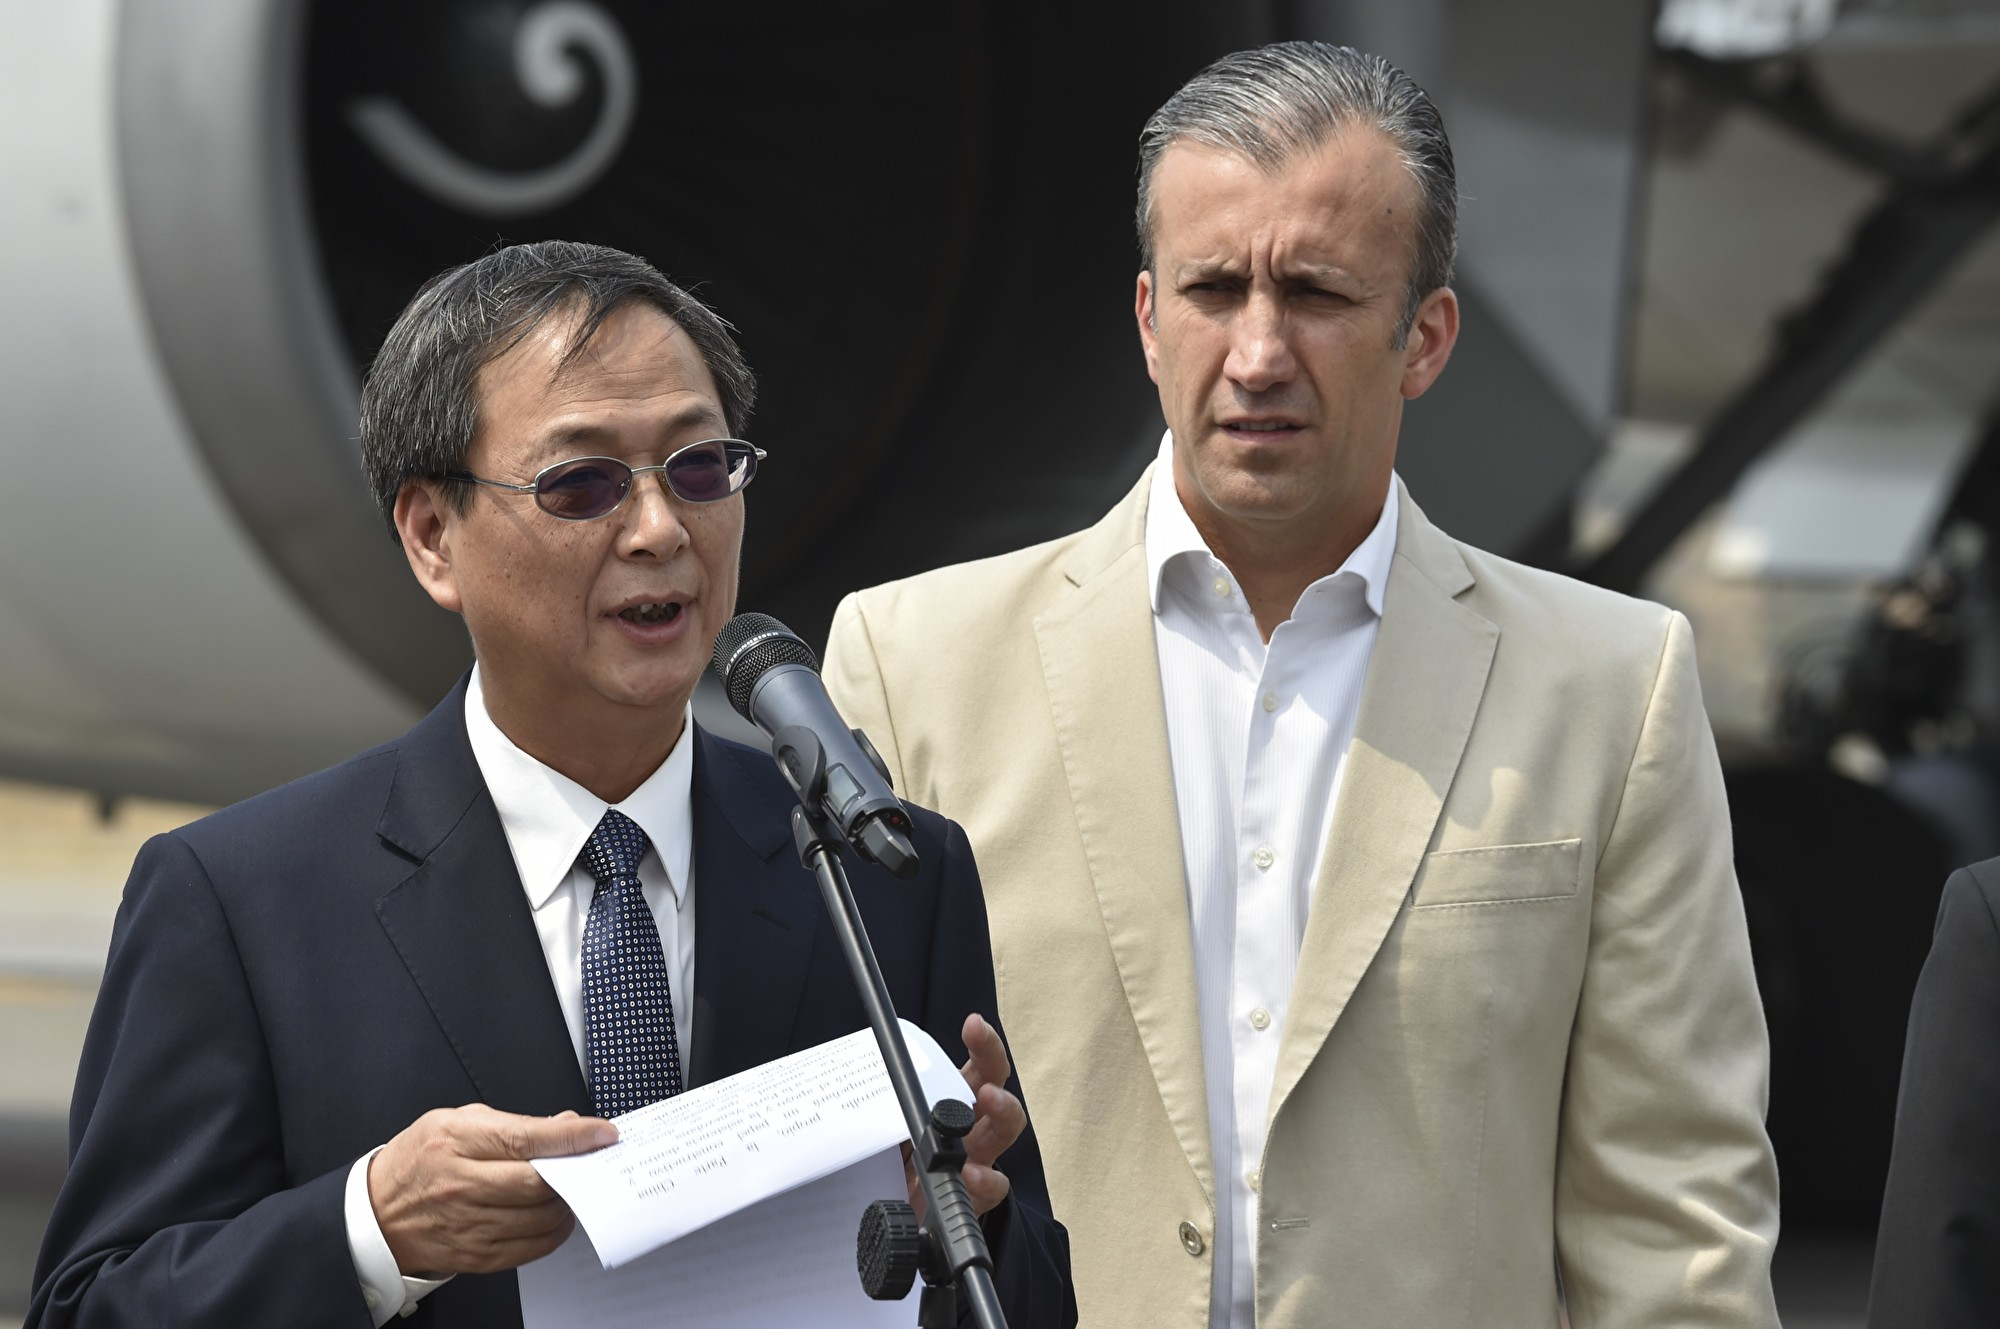 圖為中共駐委內瑞拉大使李保榮(左)在3月29日與時任委內瑞拉工業部長和前副總統塔里克·艾薩米(Tareck El Aretami,右)在機場發表講話。(YURI CORTEZ/AFP via Getty Images)